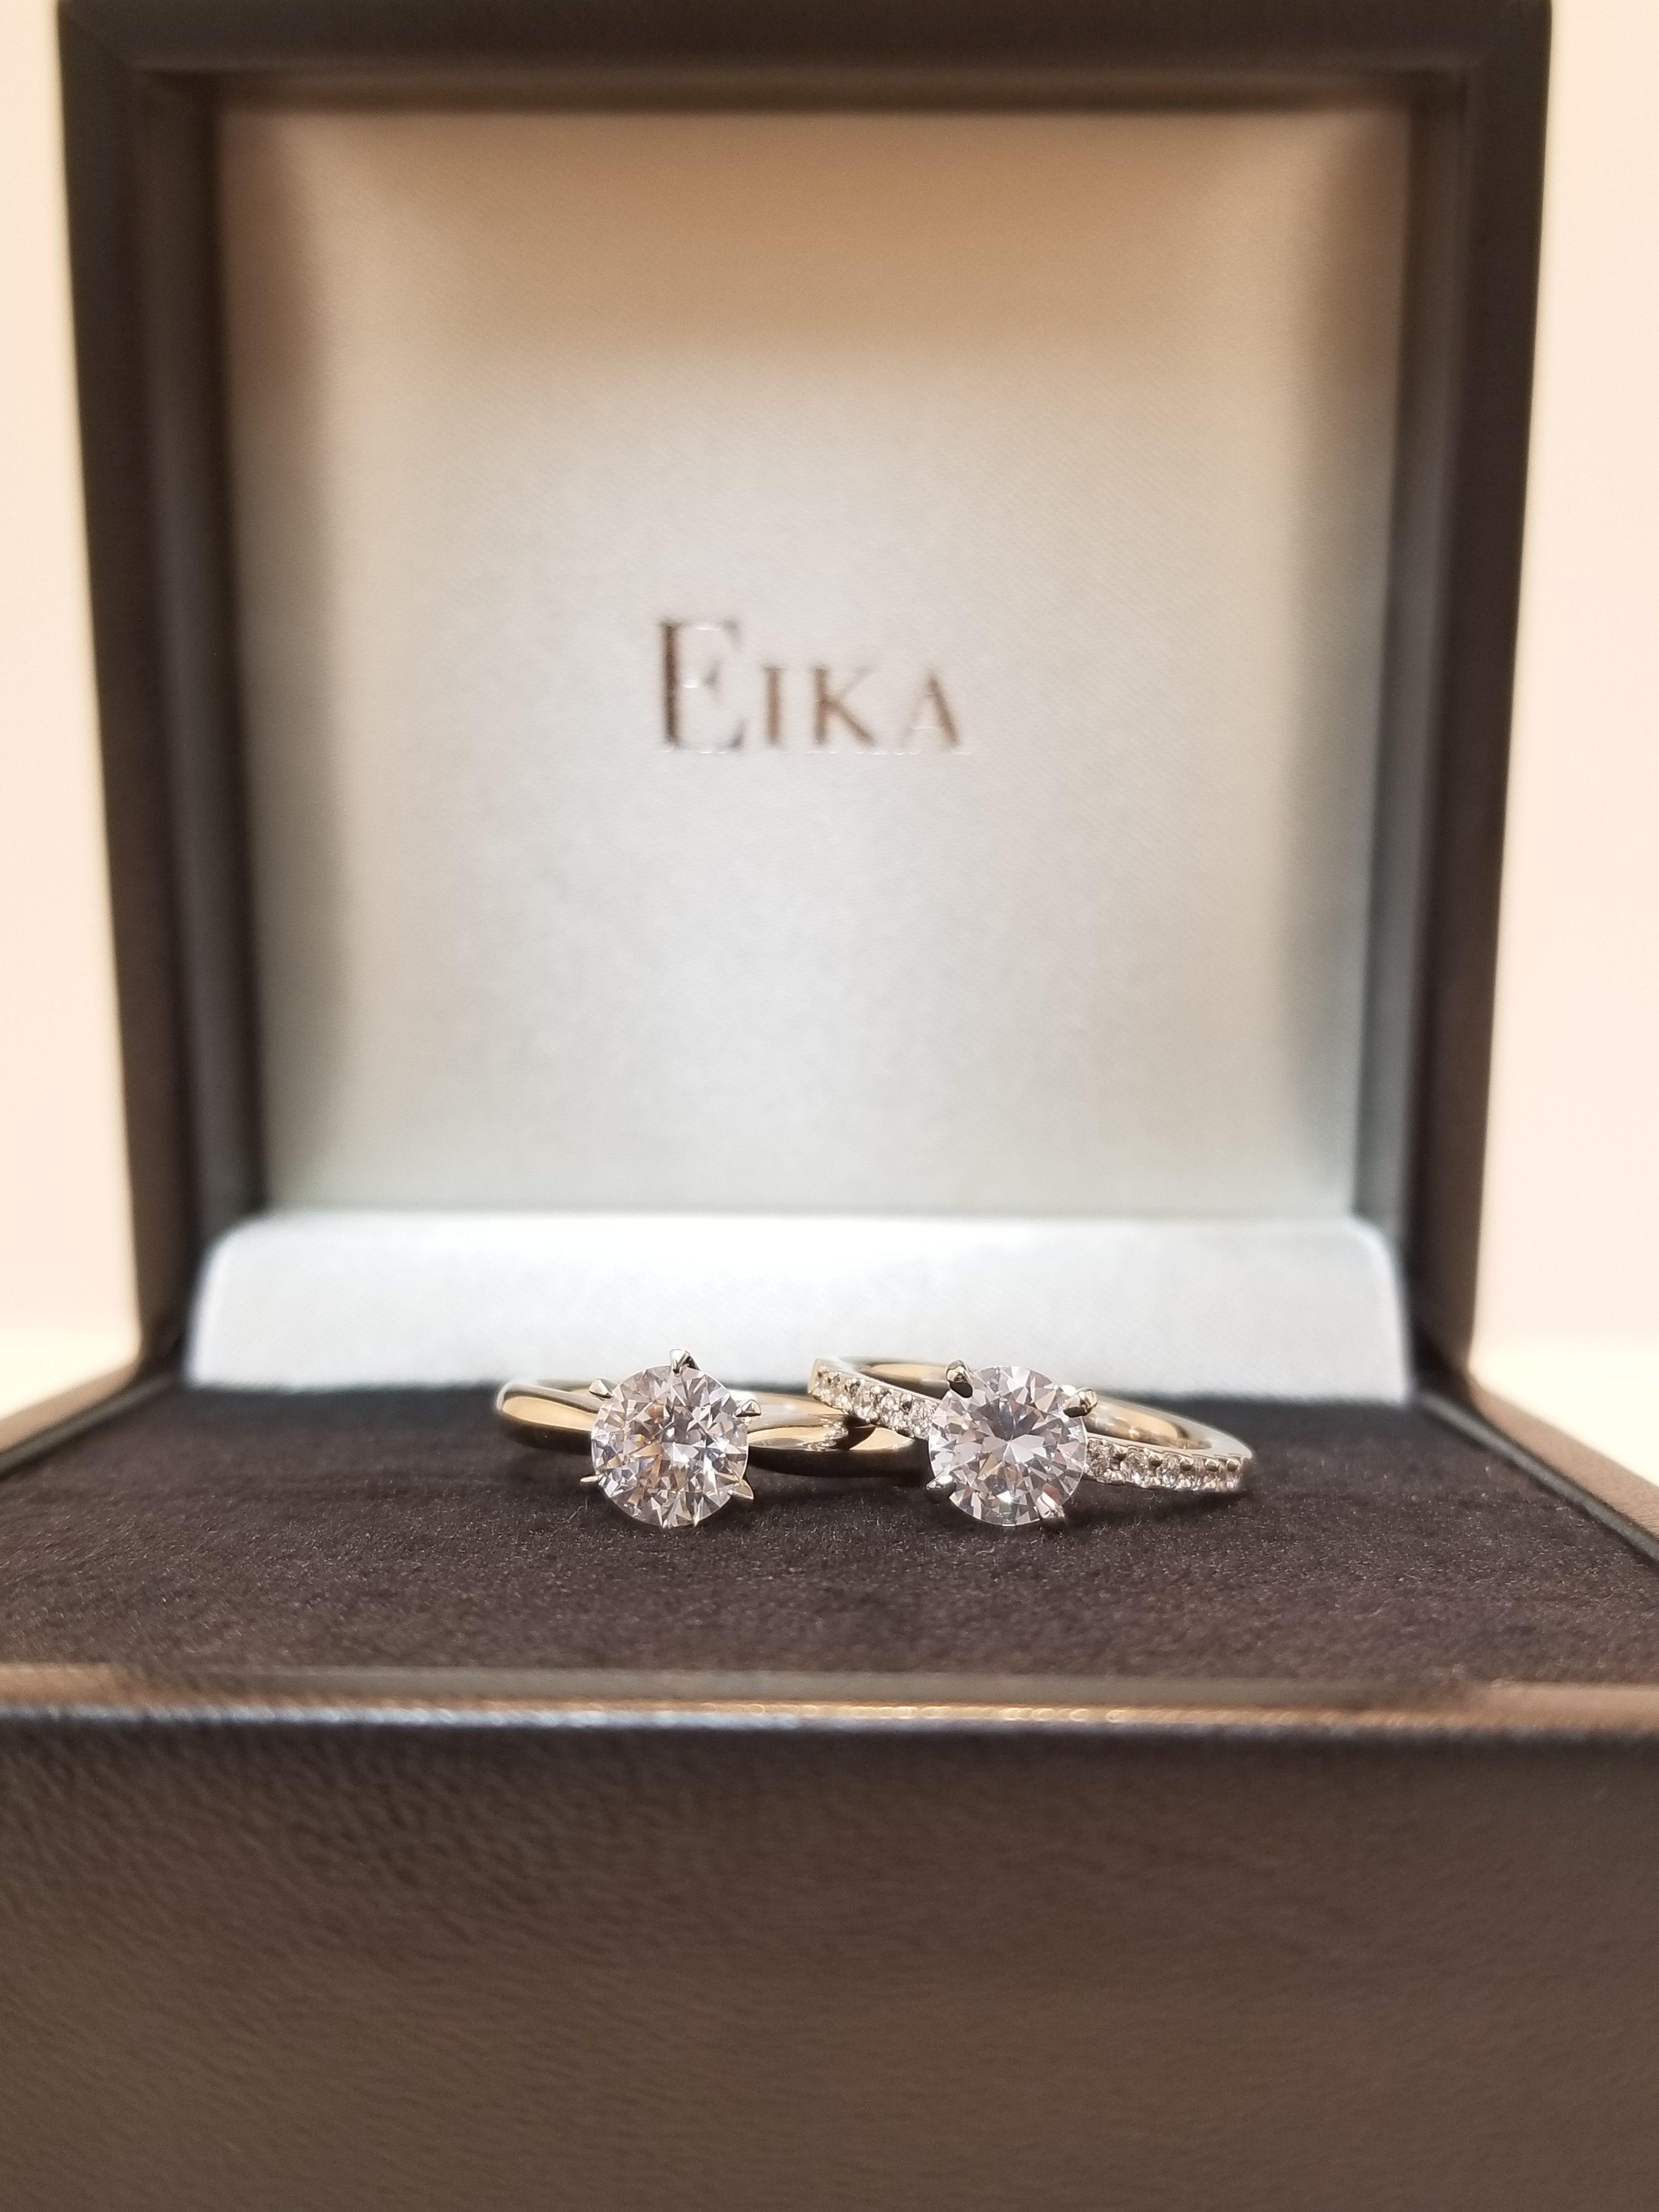 婚約指輪-エンゲージリング-プロポーズ-デザイン-比較−0.5カラット−1カラット